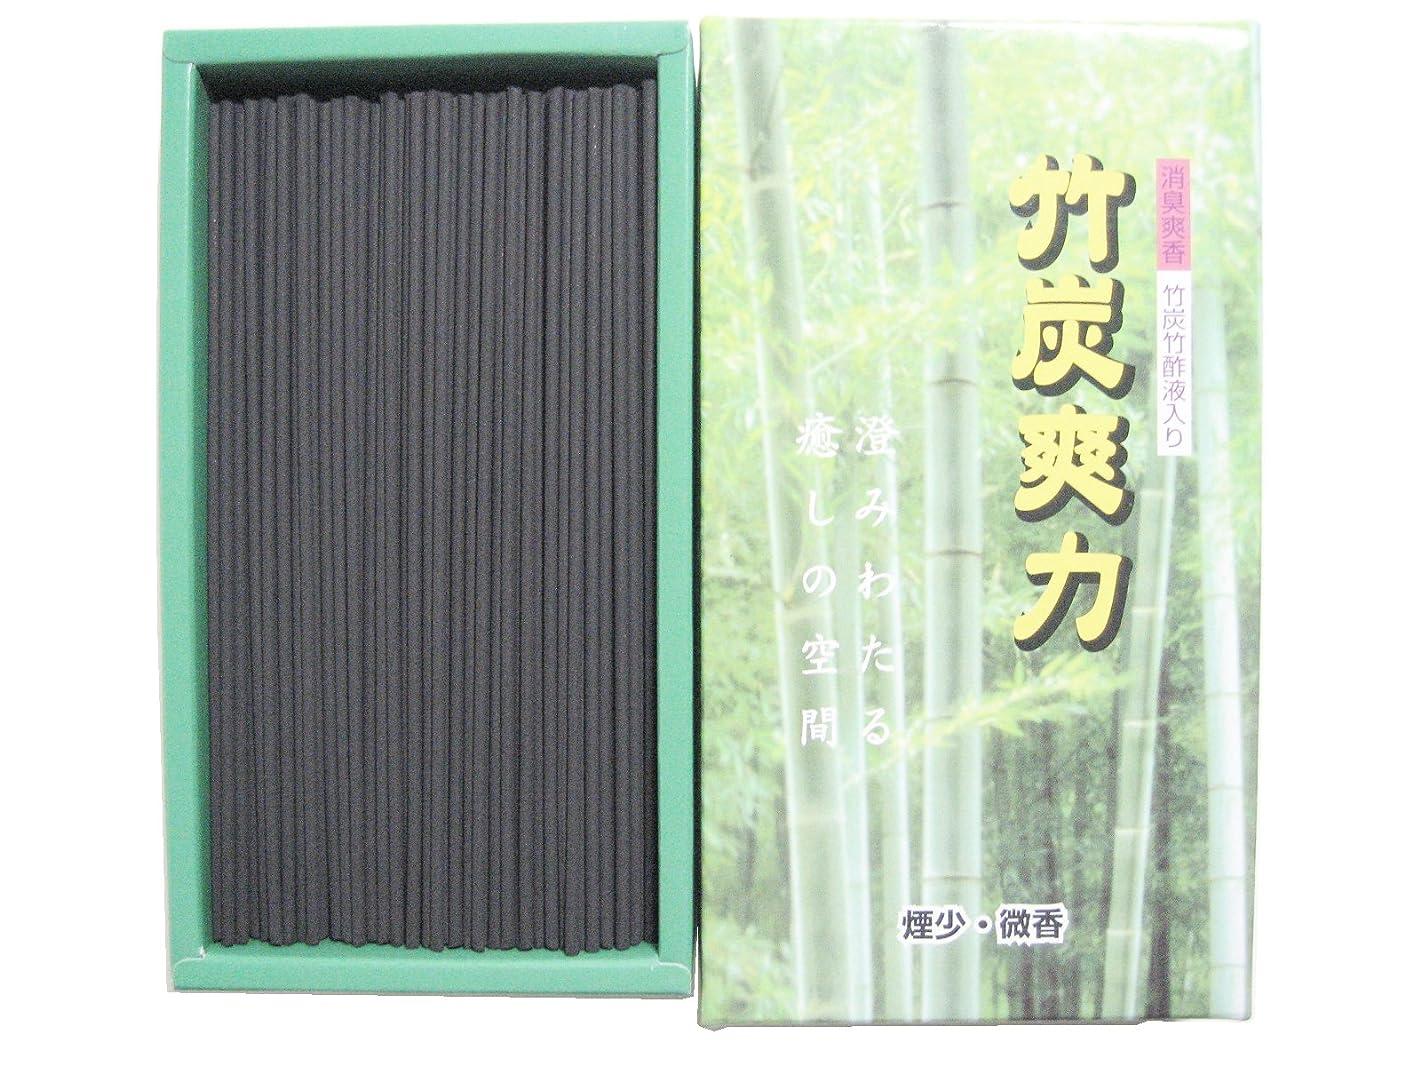 淡路梅薫堂の竹炭お線香 竹炭爽力微香 95g #250 ×10